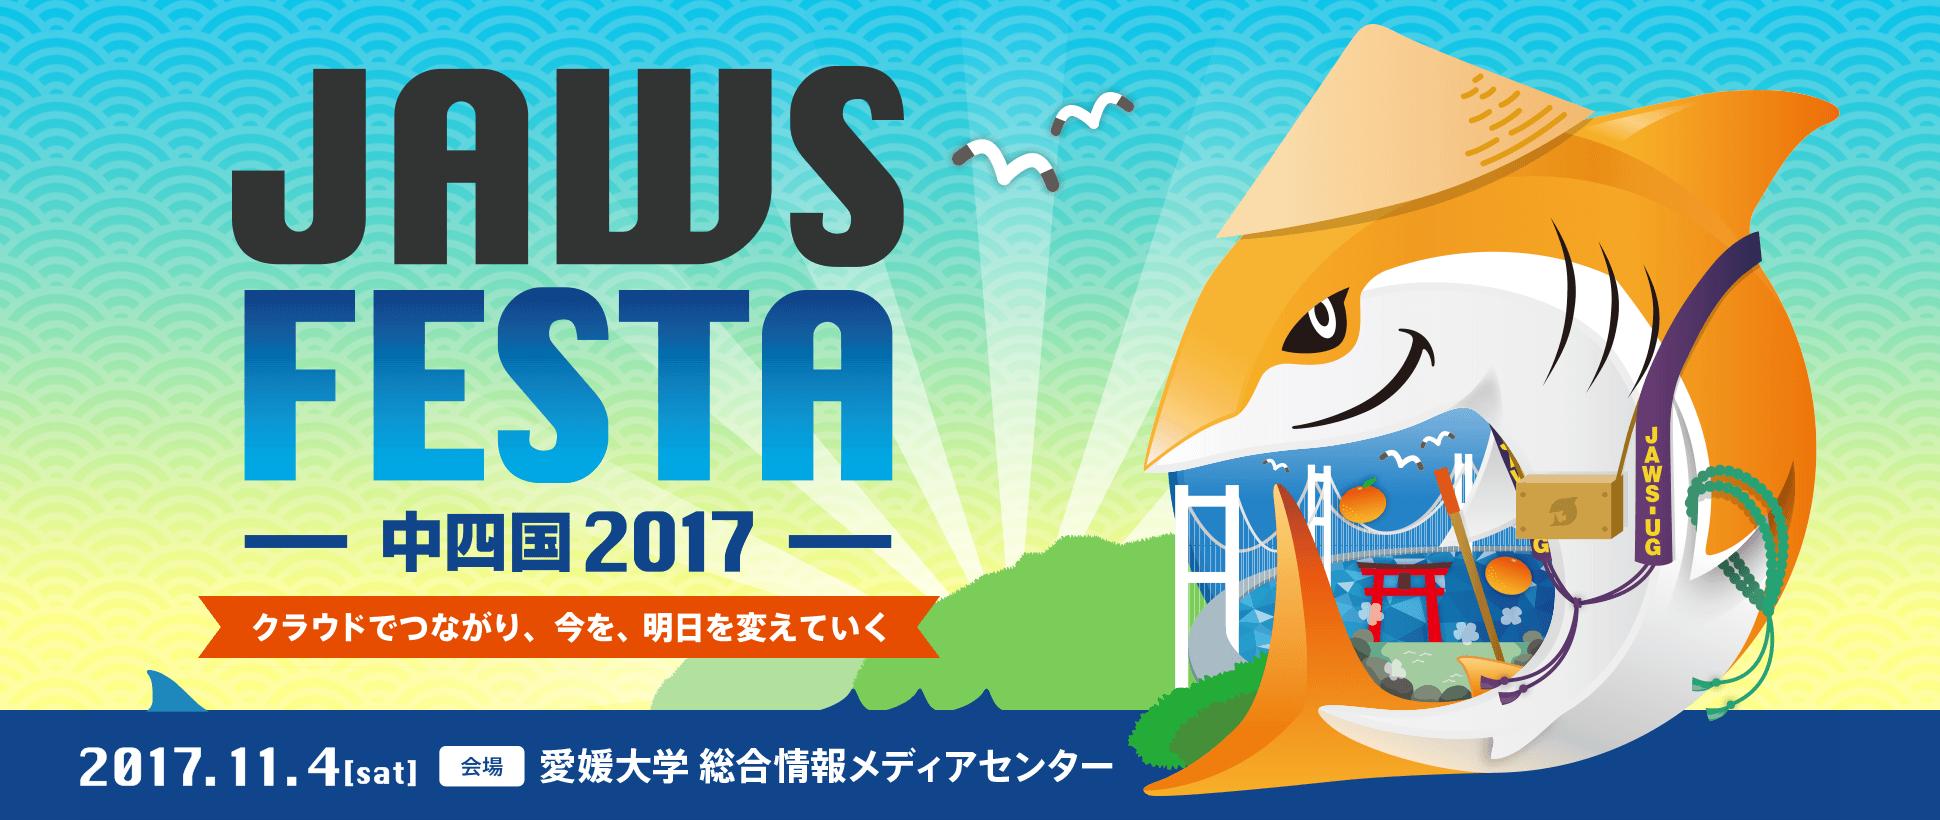 [参加レポート] JAWS FESTA中四国2017-懇親会